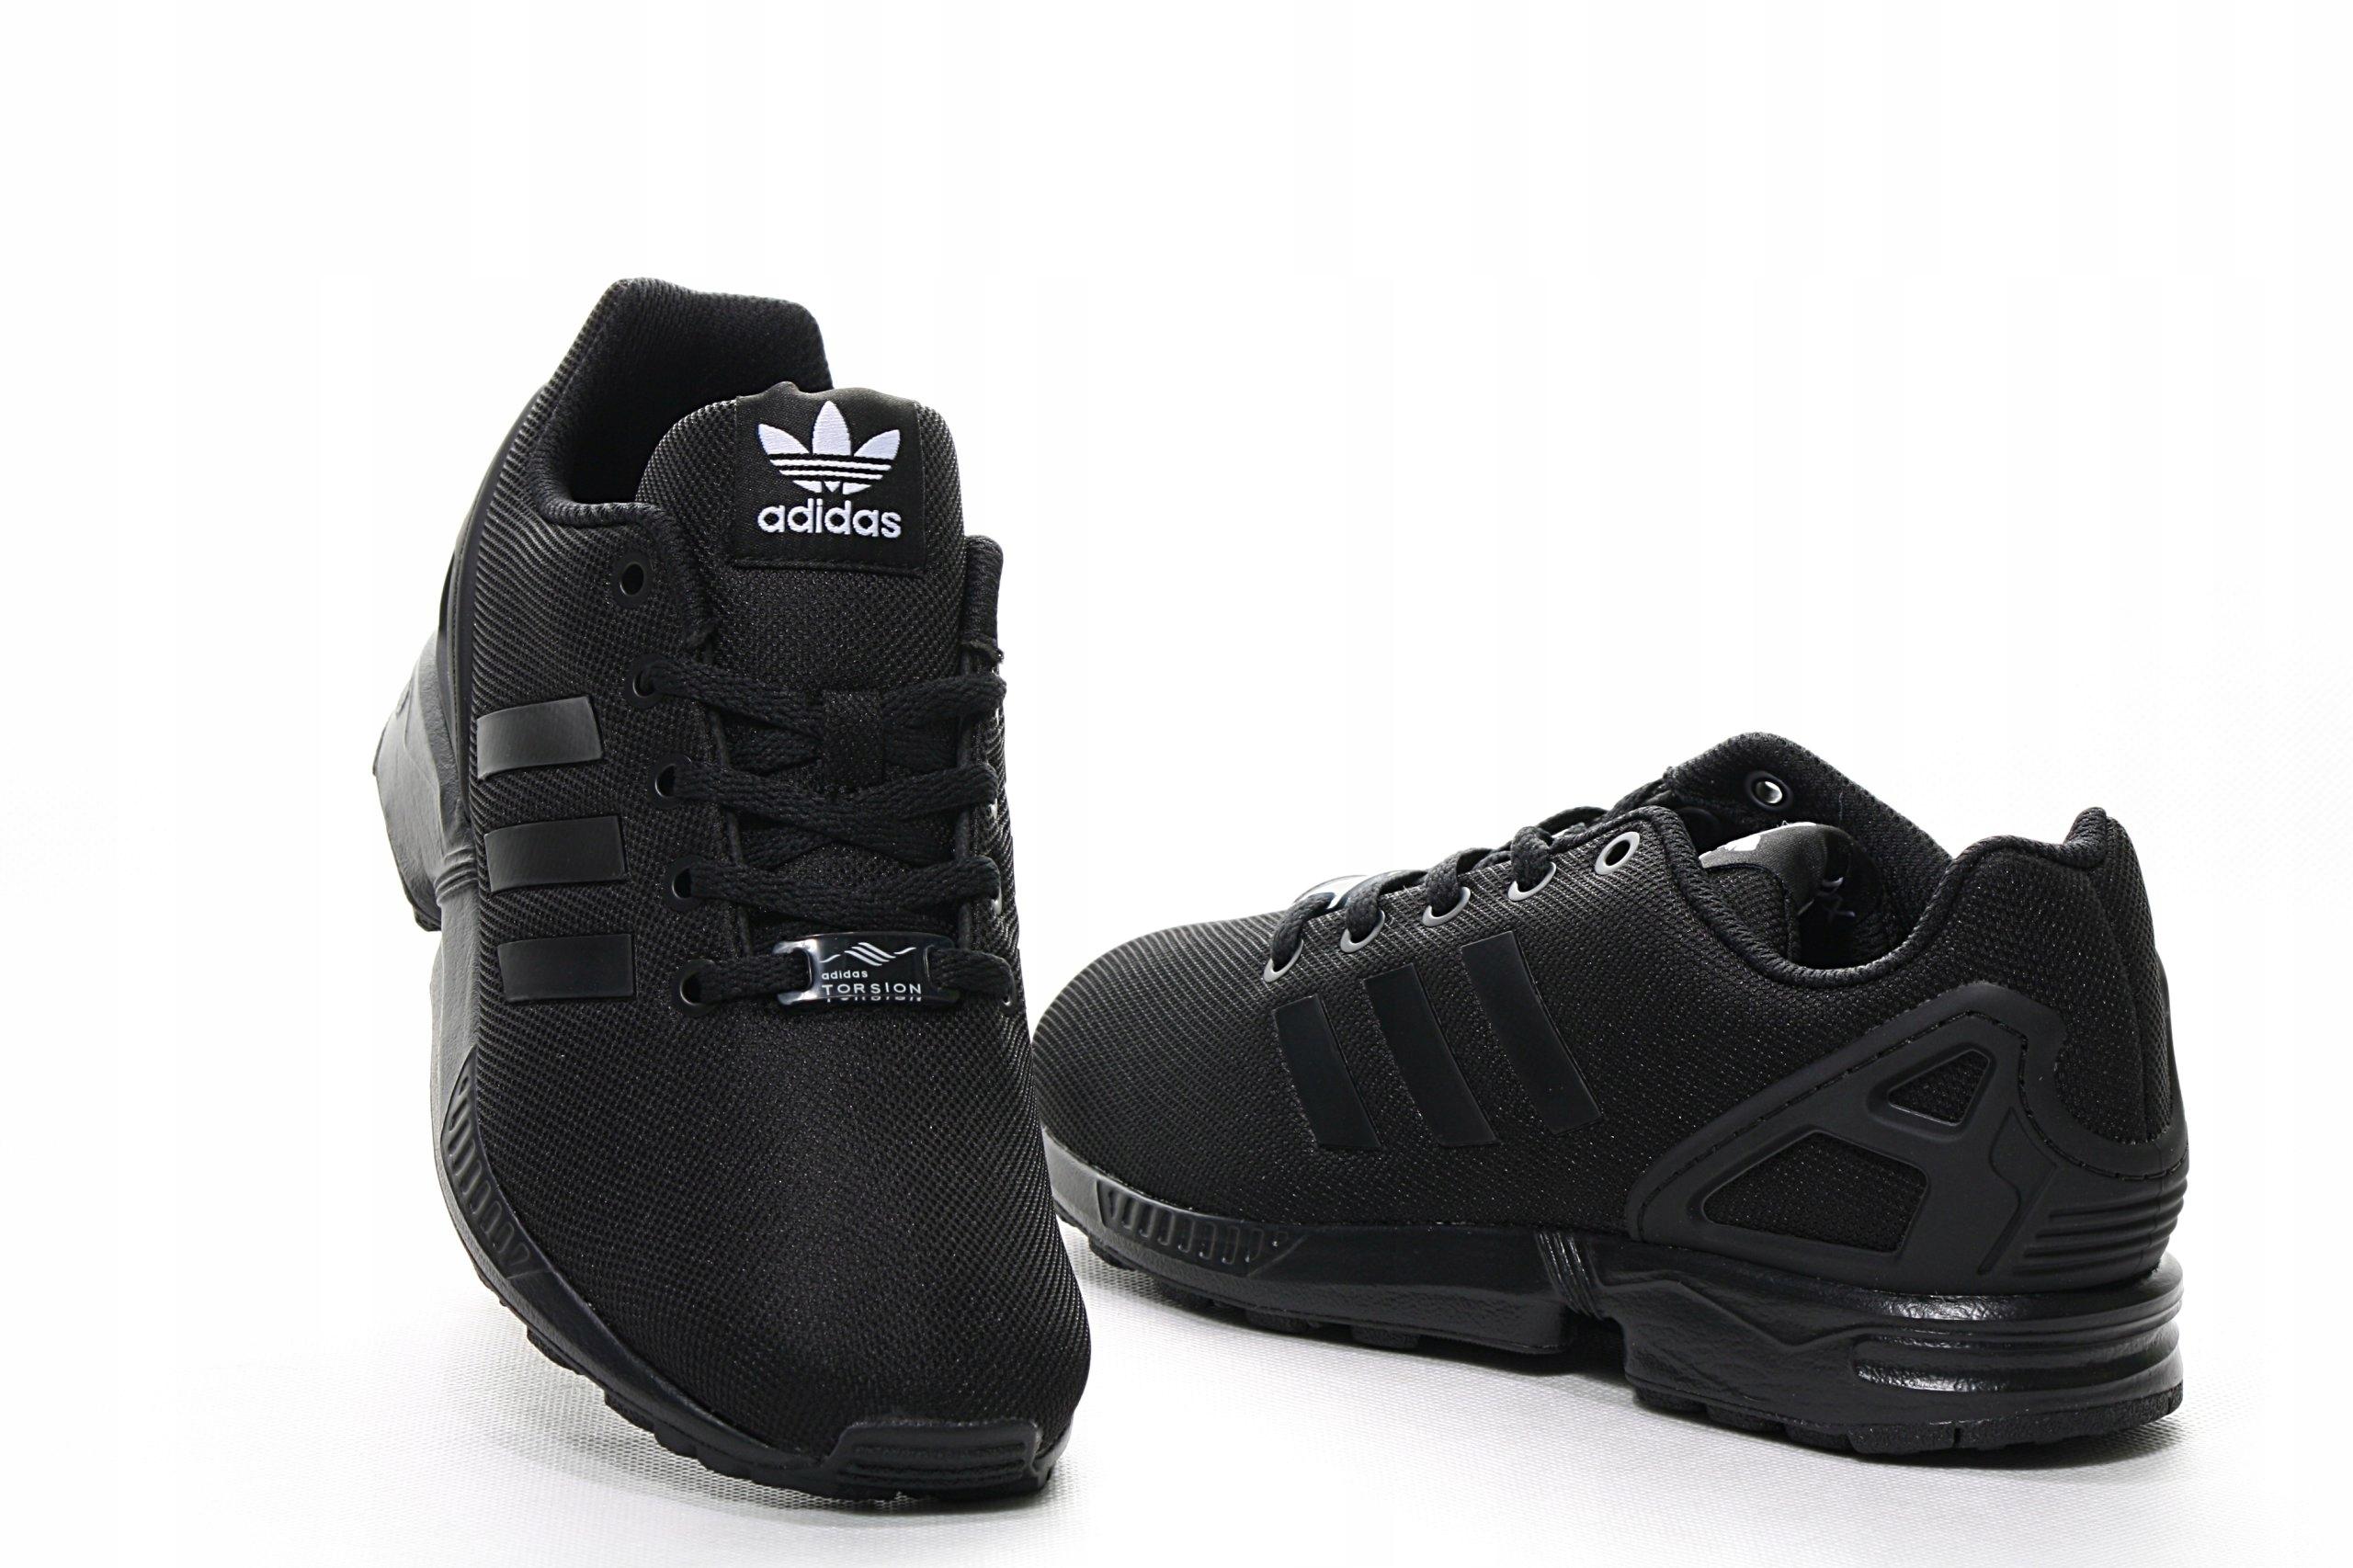 Buty adidas ZX FLUX K S82695 damskie 38 6913390855